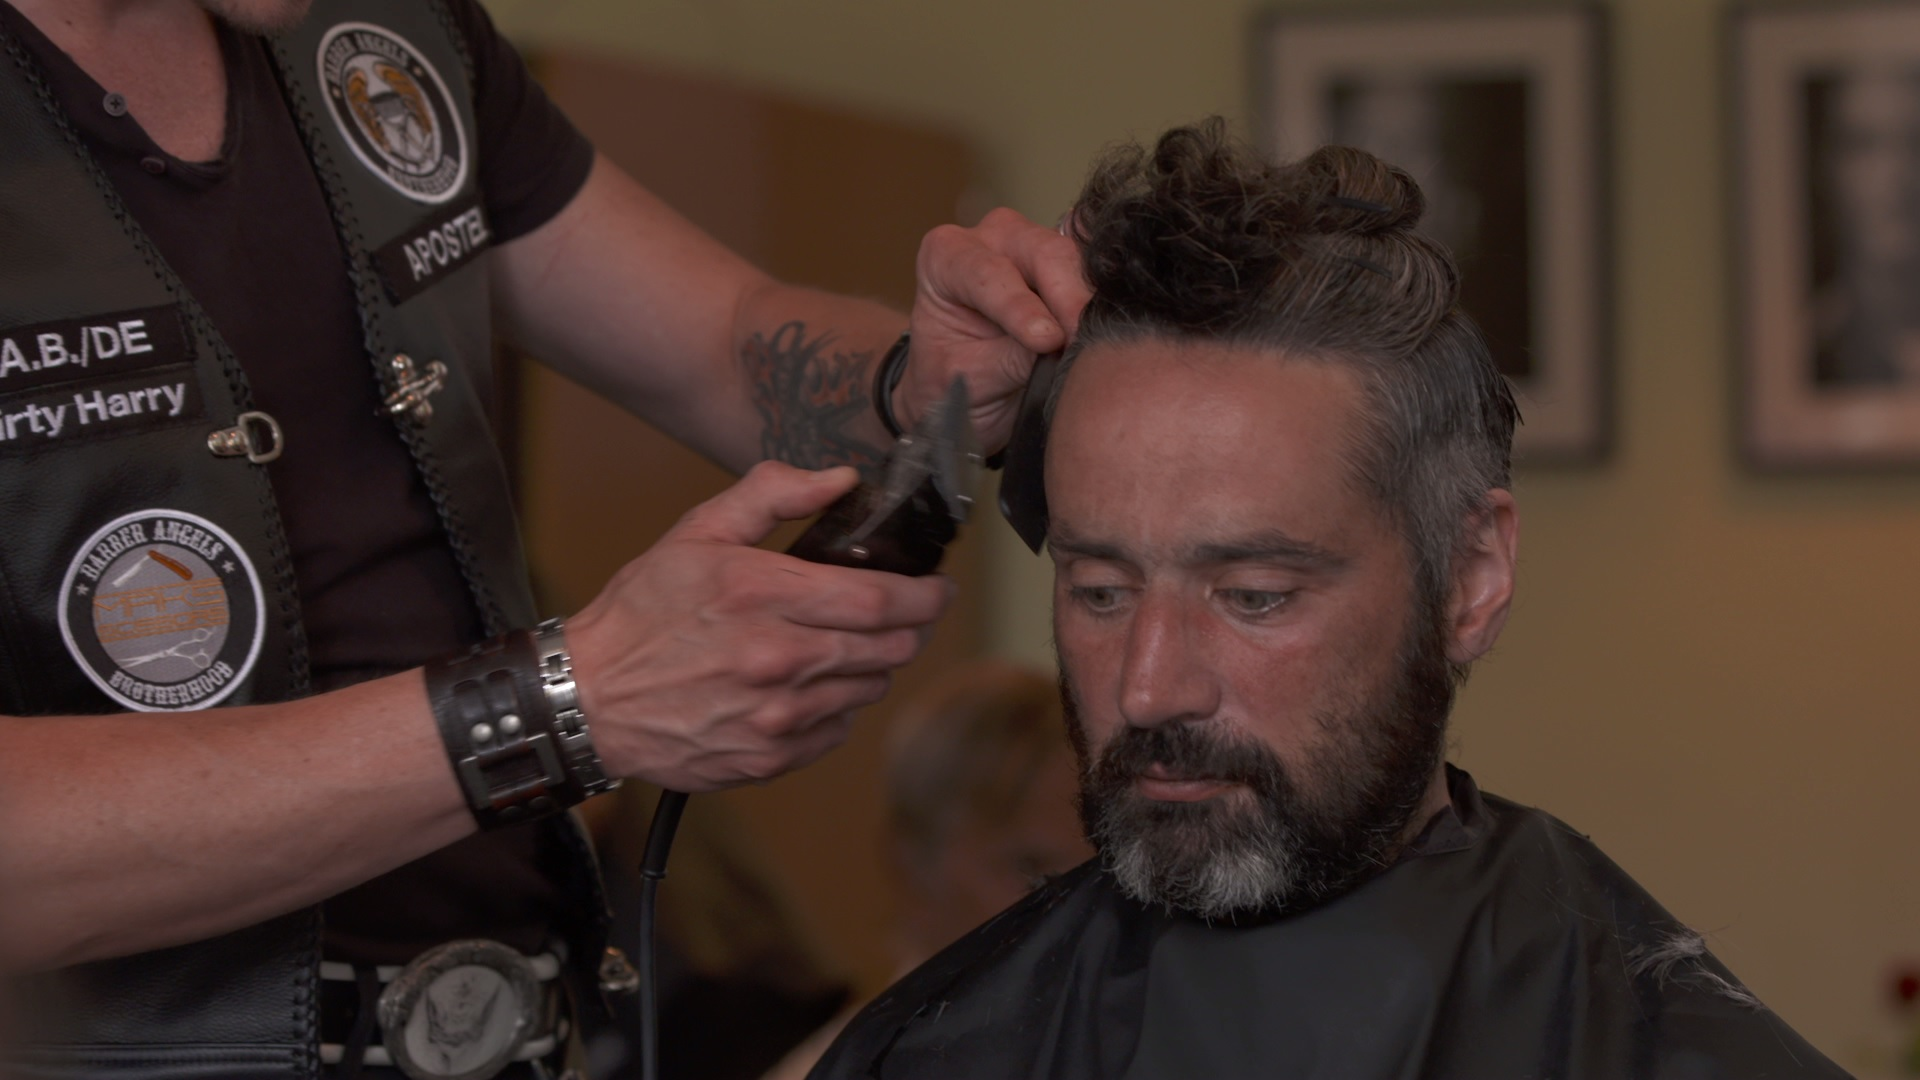 Frisuren für ein neues Ich – wie die Barber Angels Obdachlosen helfen